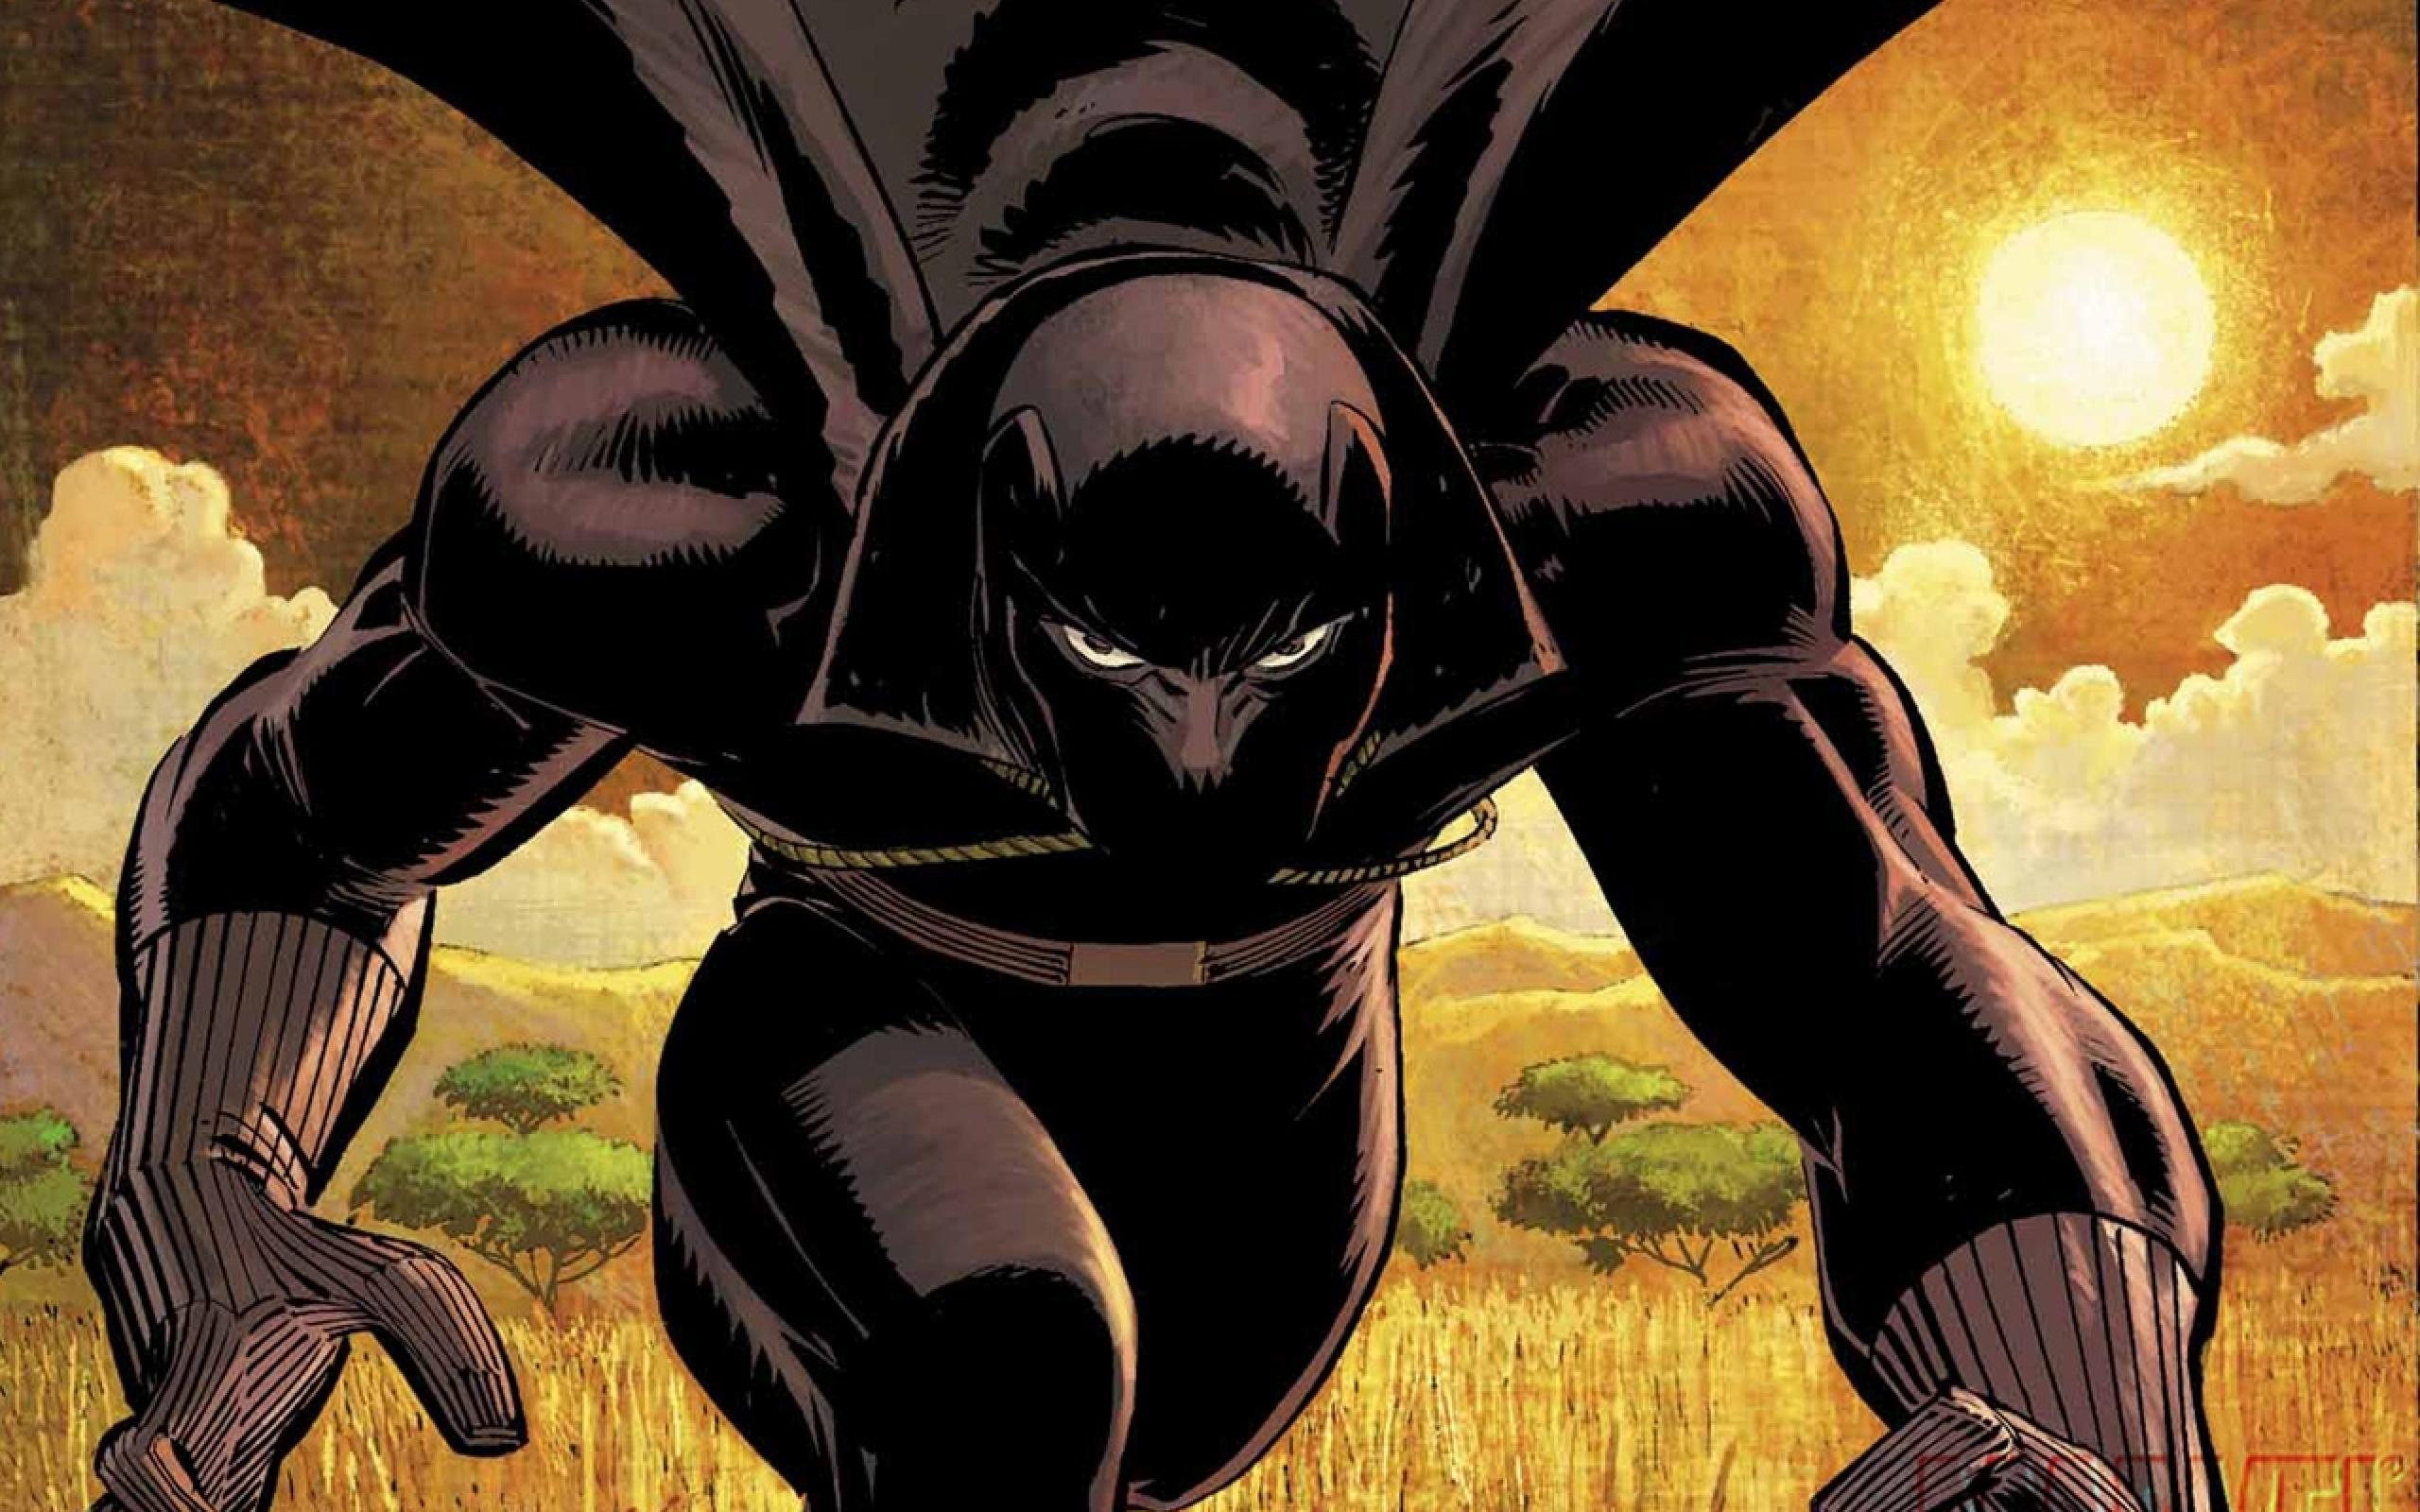 black panther comics marvel comics 1280x960 wallpaper Art HD Wallpaper 2560x1600